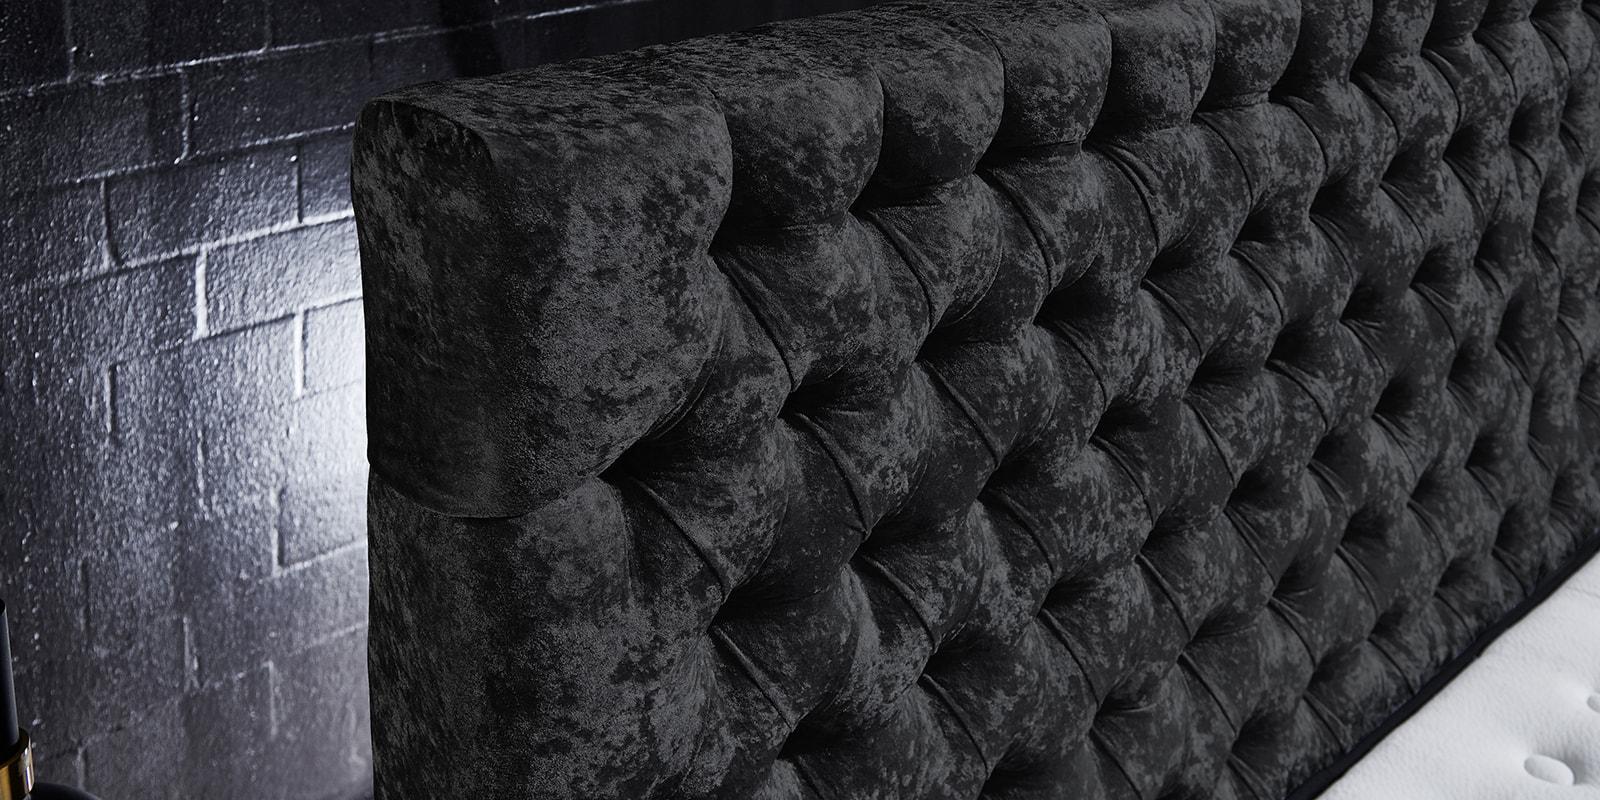 Moebella24 - Boxspringbett Manchester - Kopfteil mit Knopfheftung - Chesterfield-Stil - Barock-Stil - Samt glänzend schwarz Kopfteil von der Seite